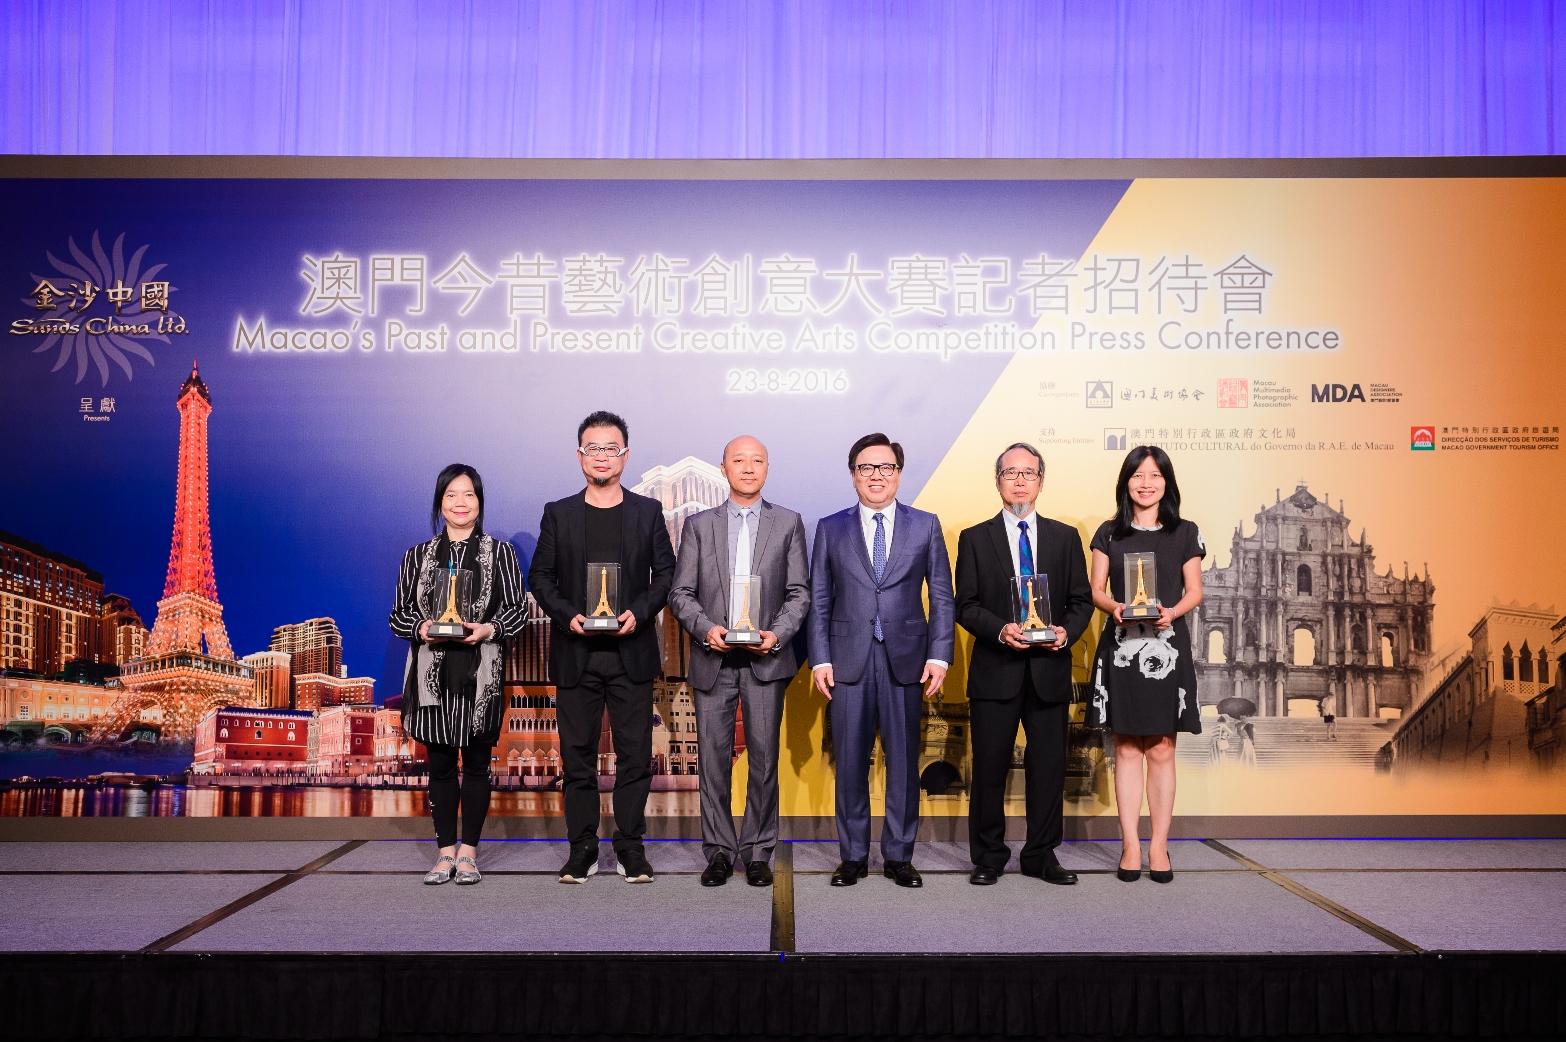 金沙中國宣佈舉辦全新藝術創意比賽